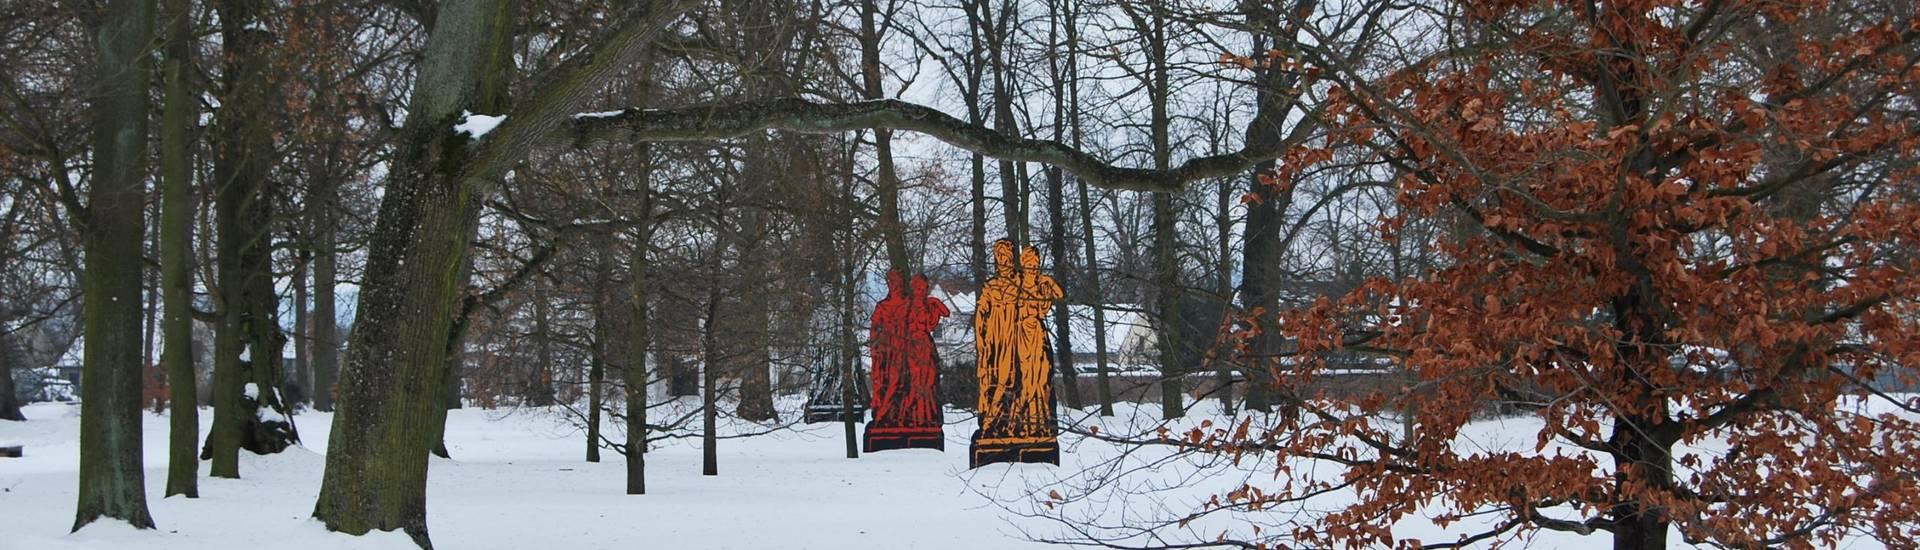 schloßpark neuhardenberg im winter renate dubben  ©Renate Dubben